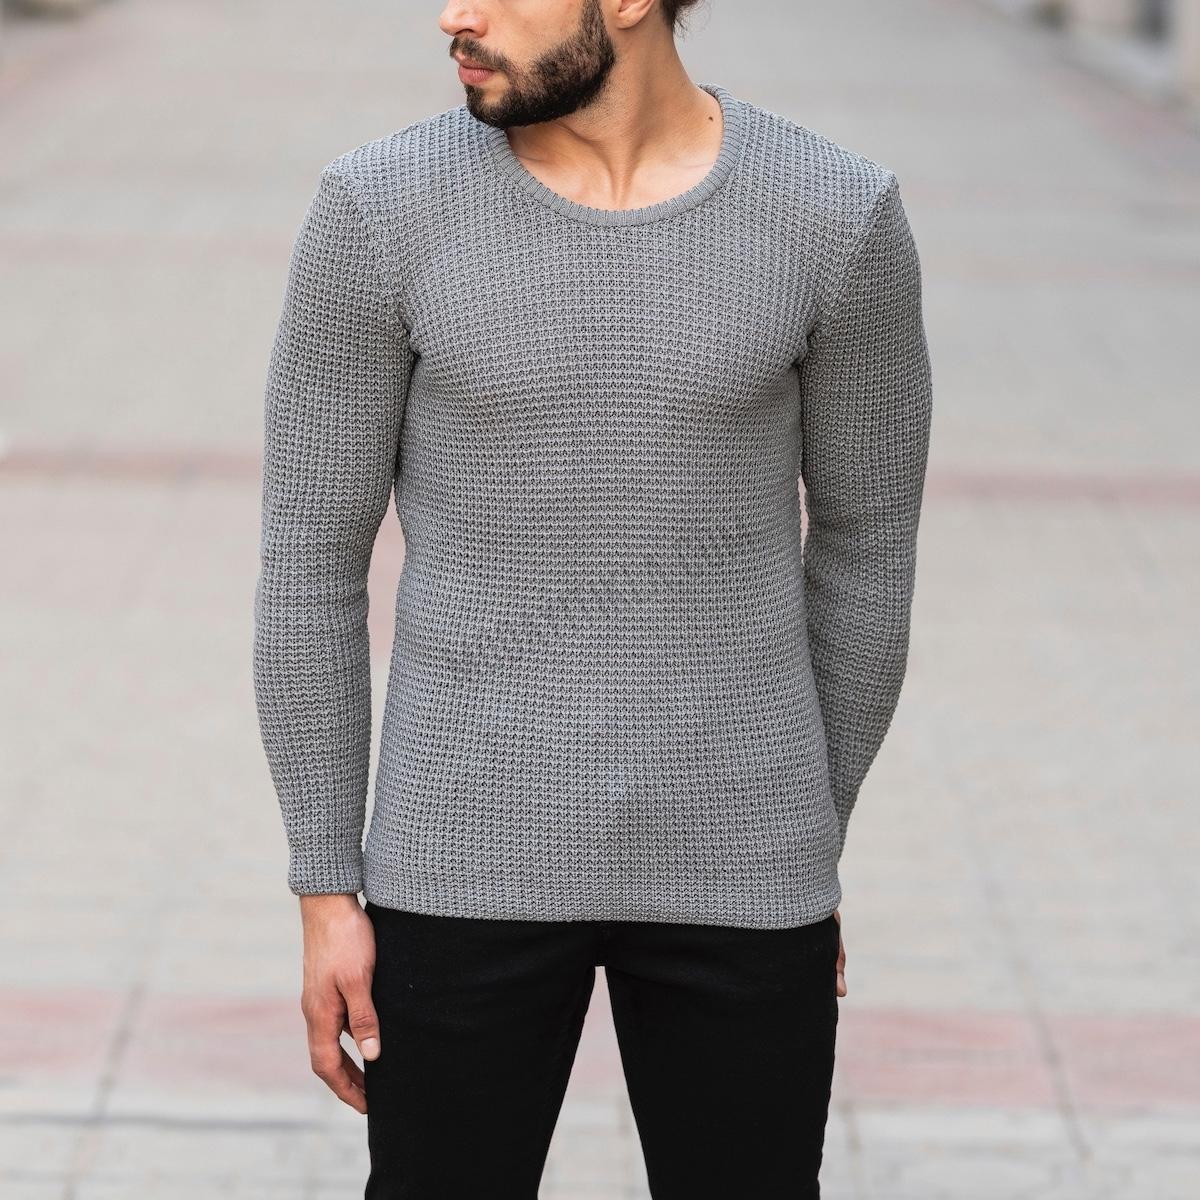 Erkek Örgülü Kalın Gri Sweatshirt